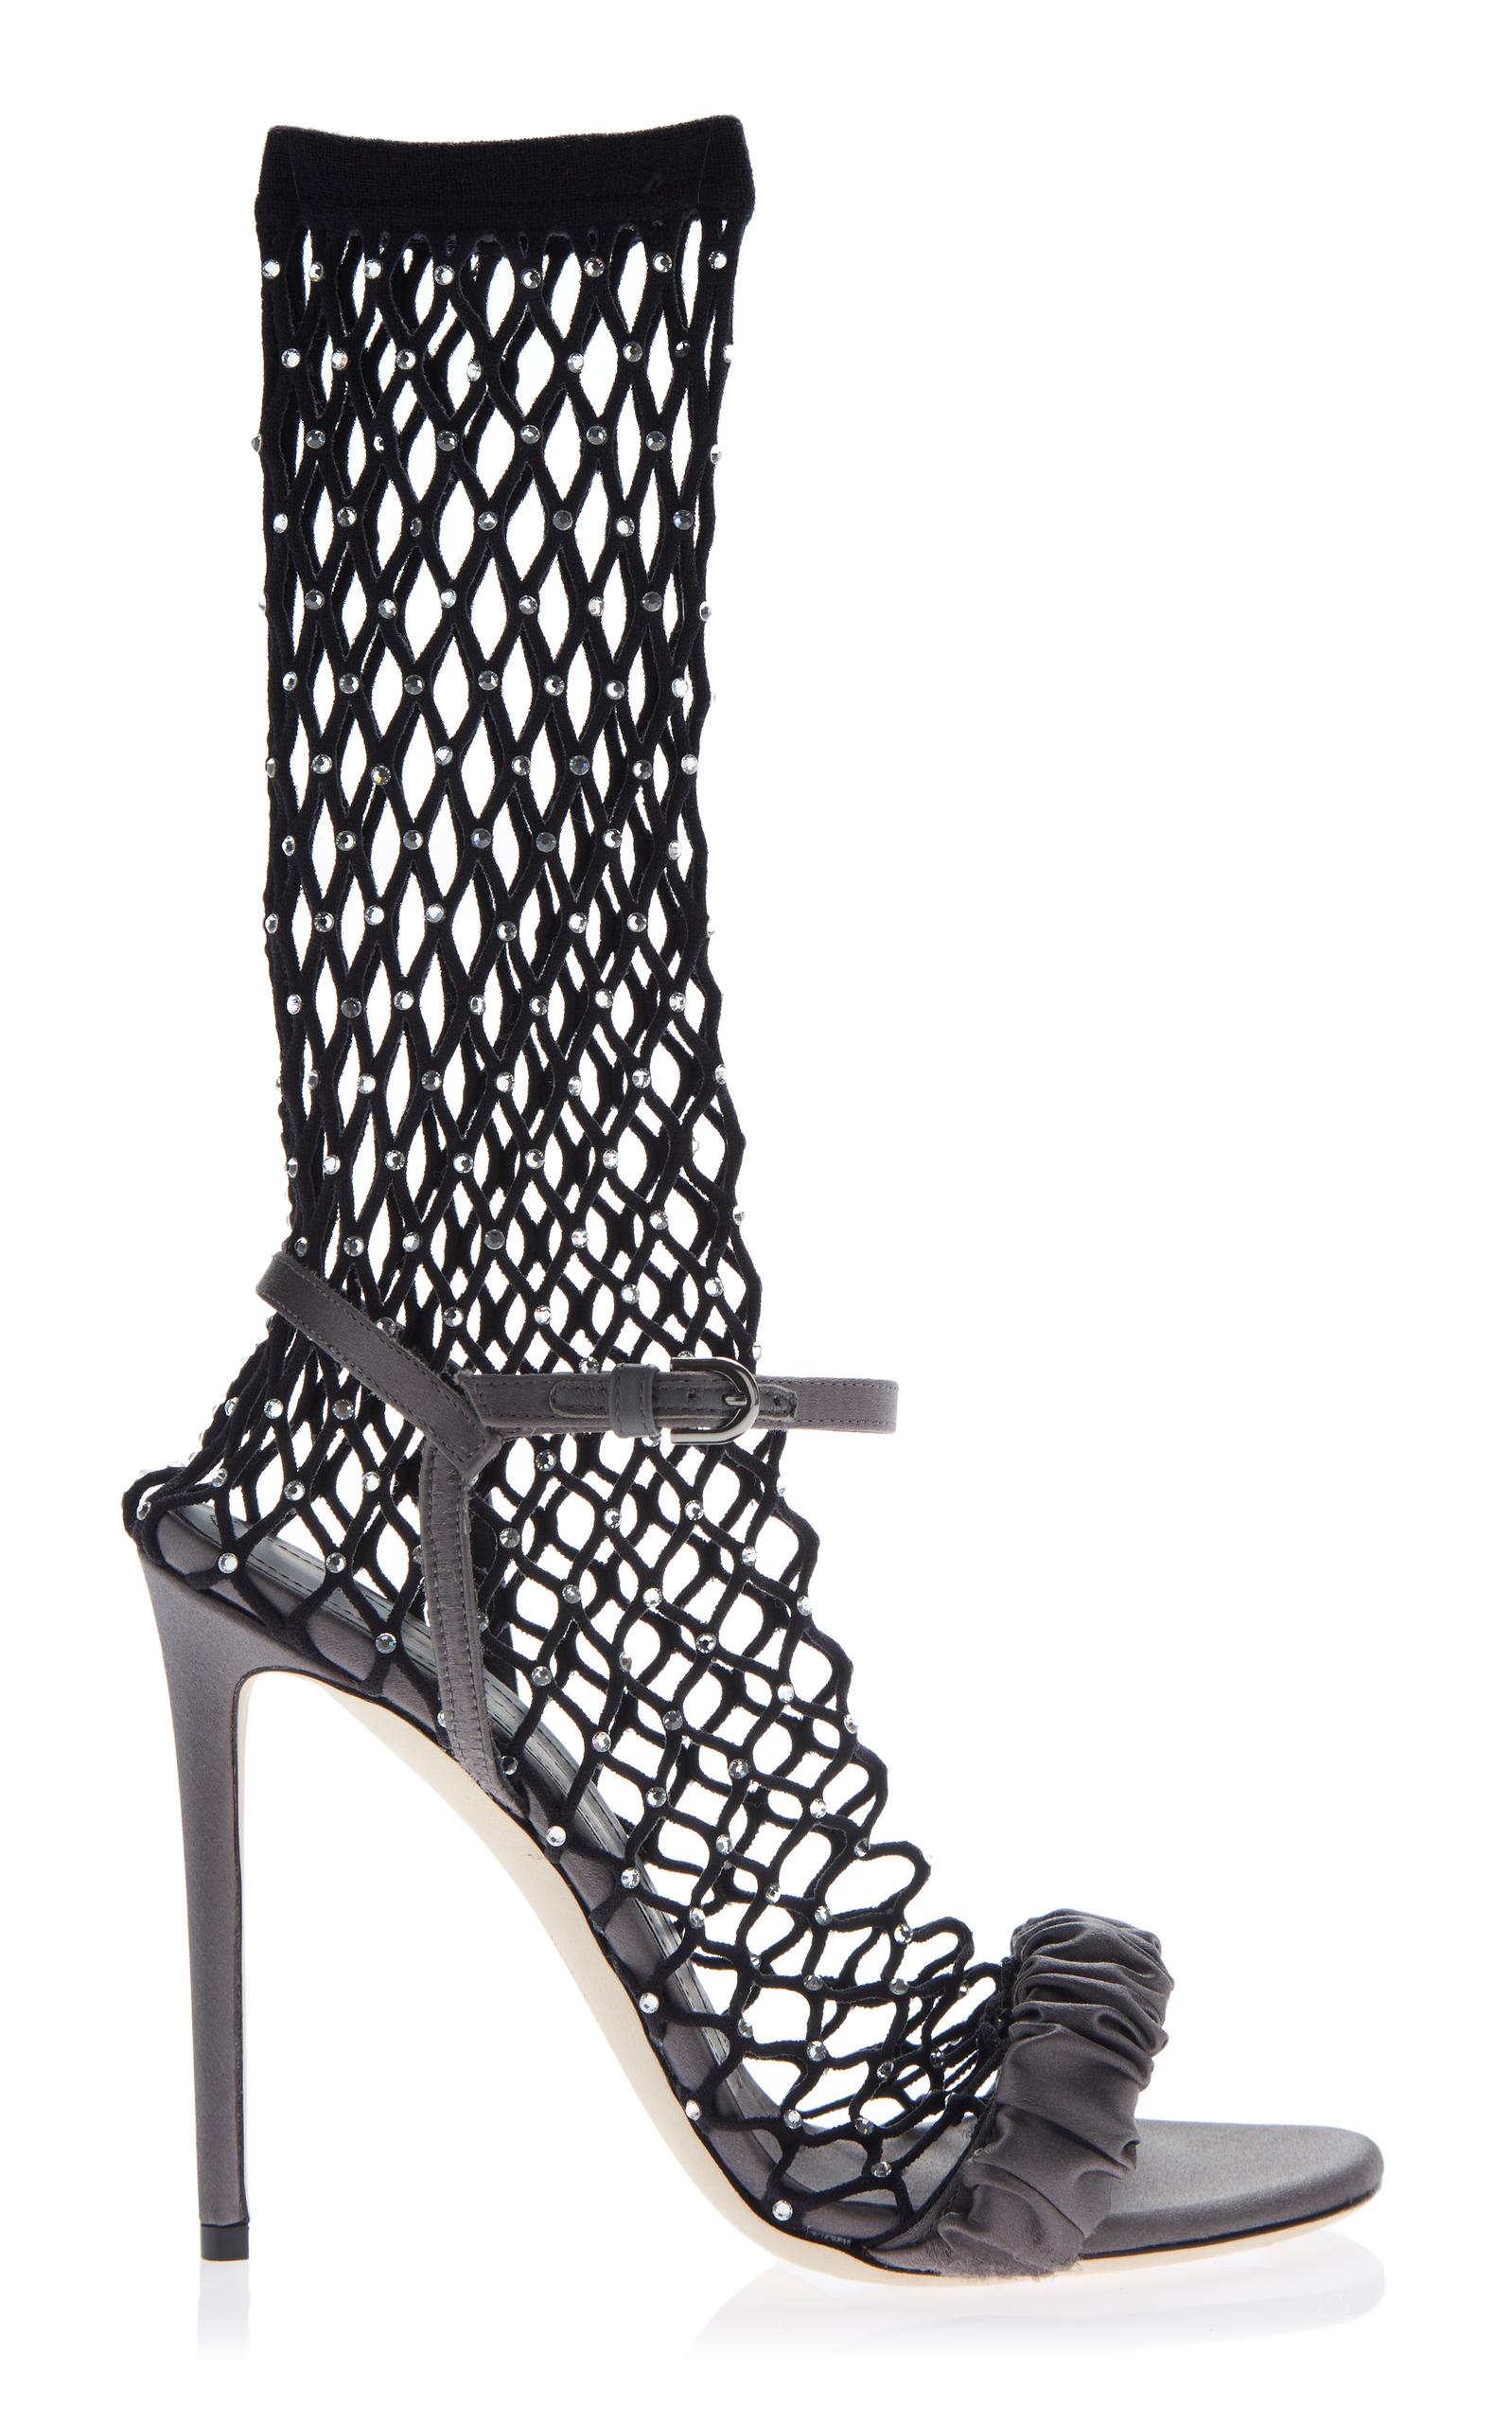 Crystal-Embellished Fishnet Sandal in Grey